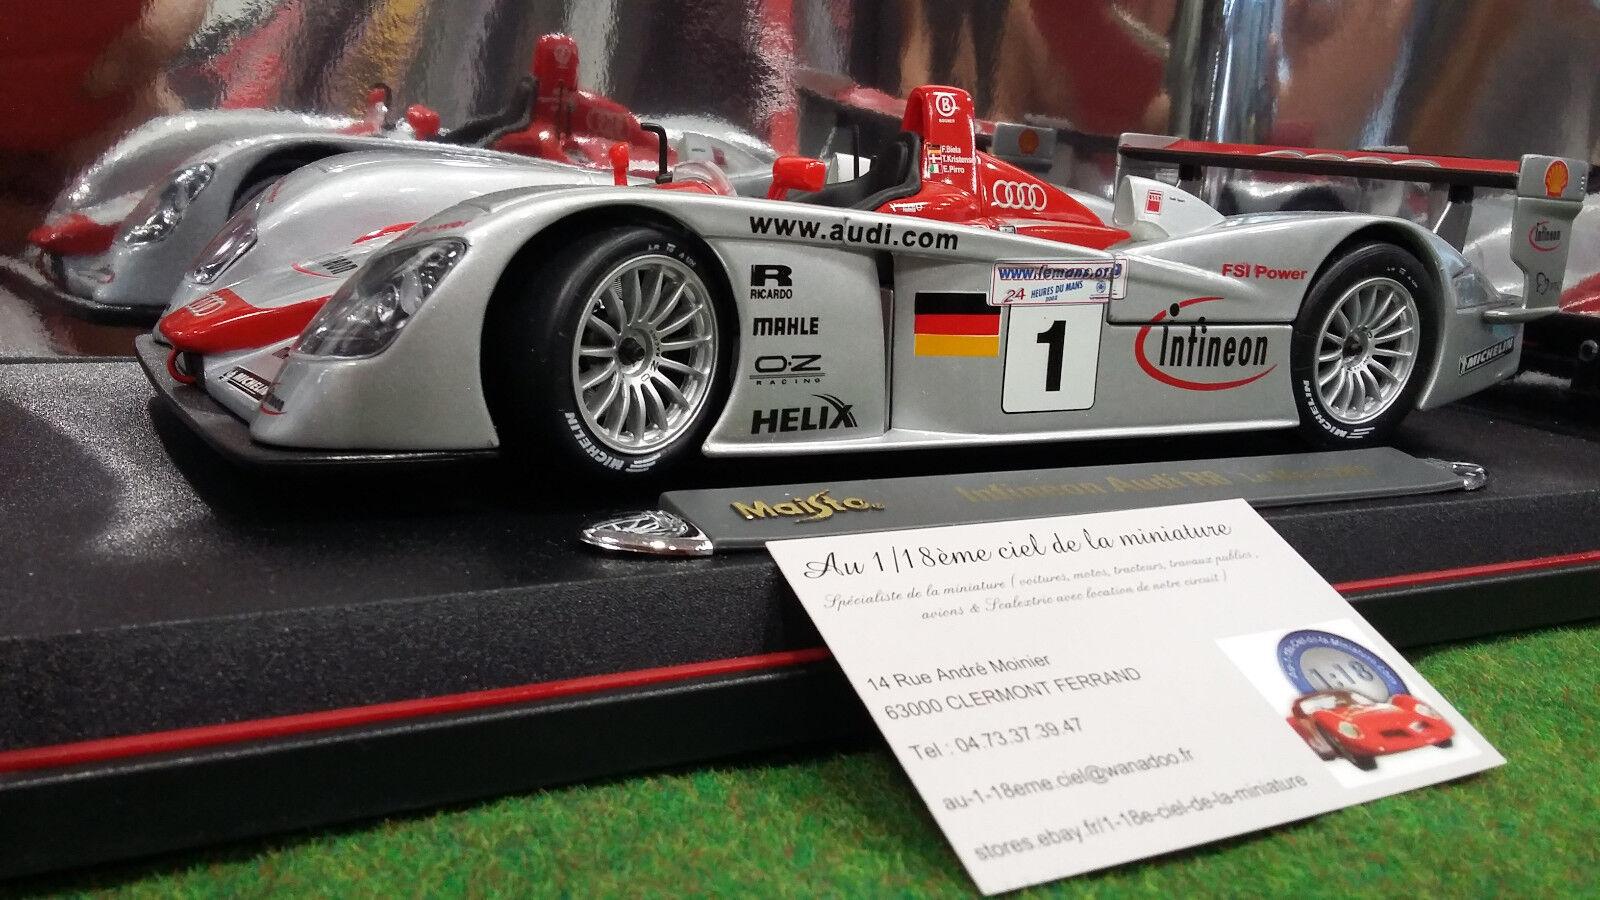 AUDI R8 R8 R8 INFINEON LE MANS 2002   1 1 18 MAISTO 38659 voiture miniature collection 2a208c